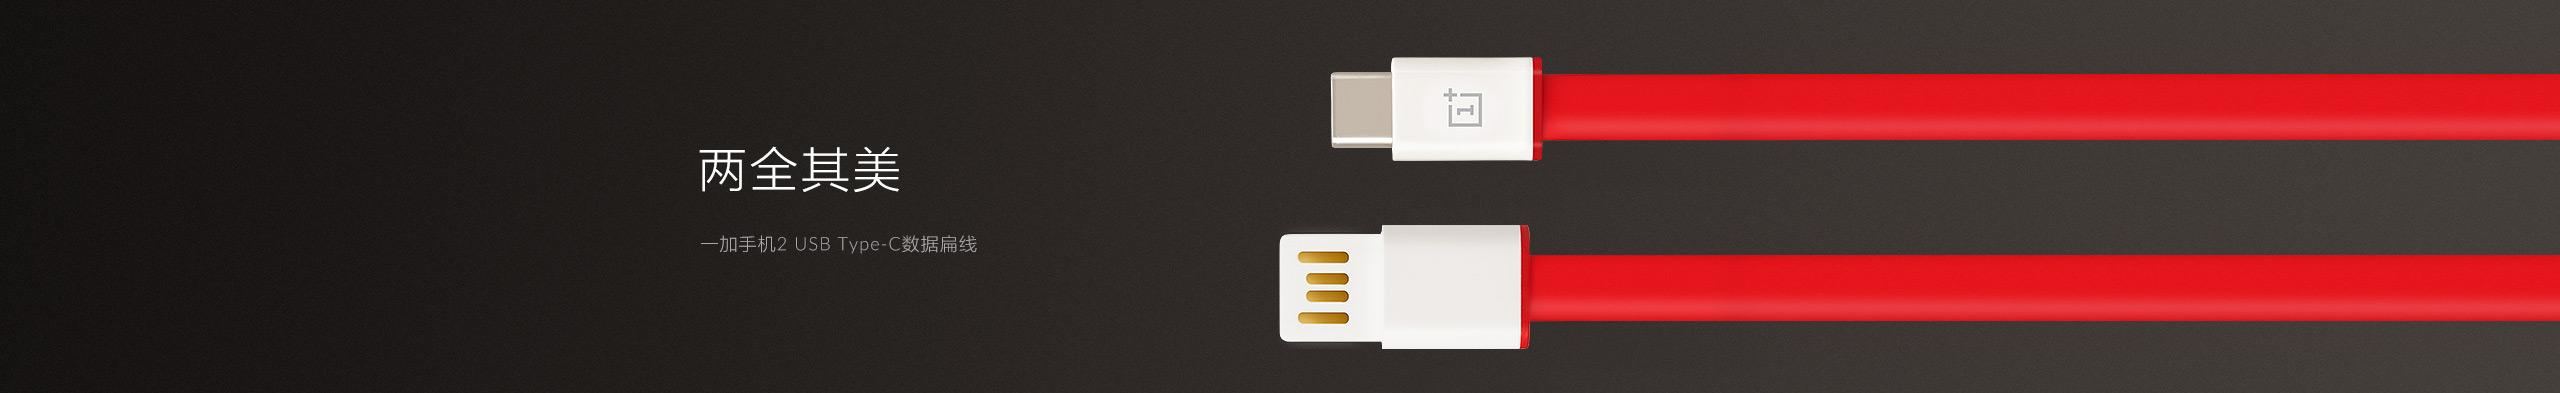 一加手机2 USB Type-C数据扁线1.0m8